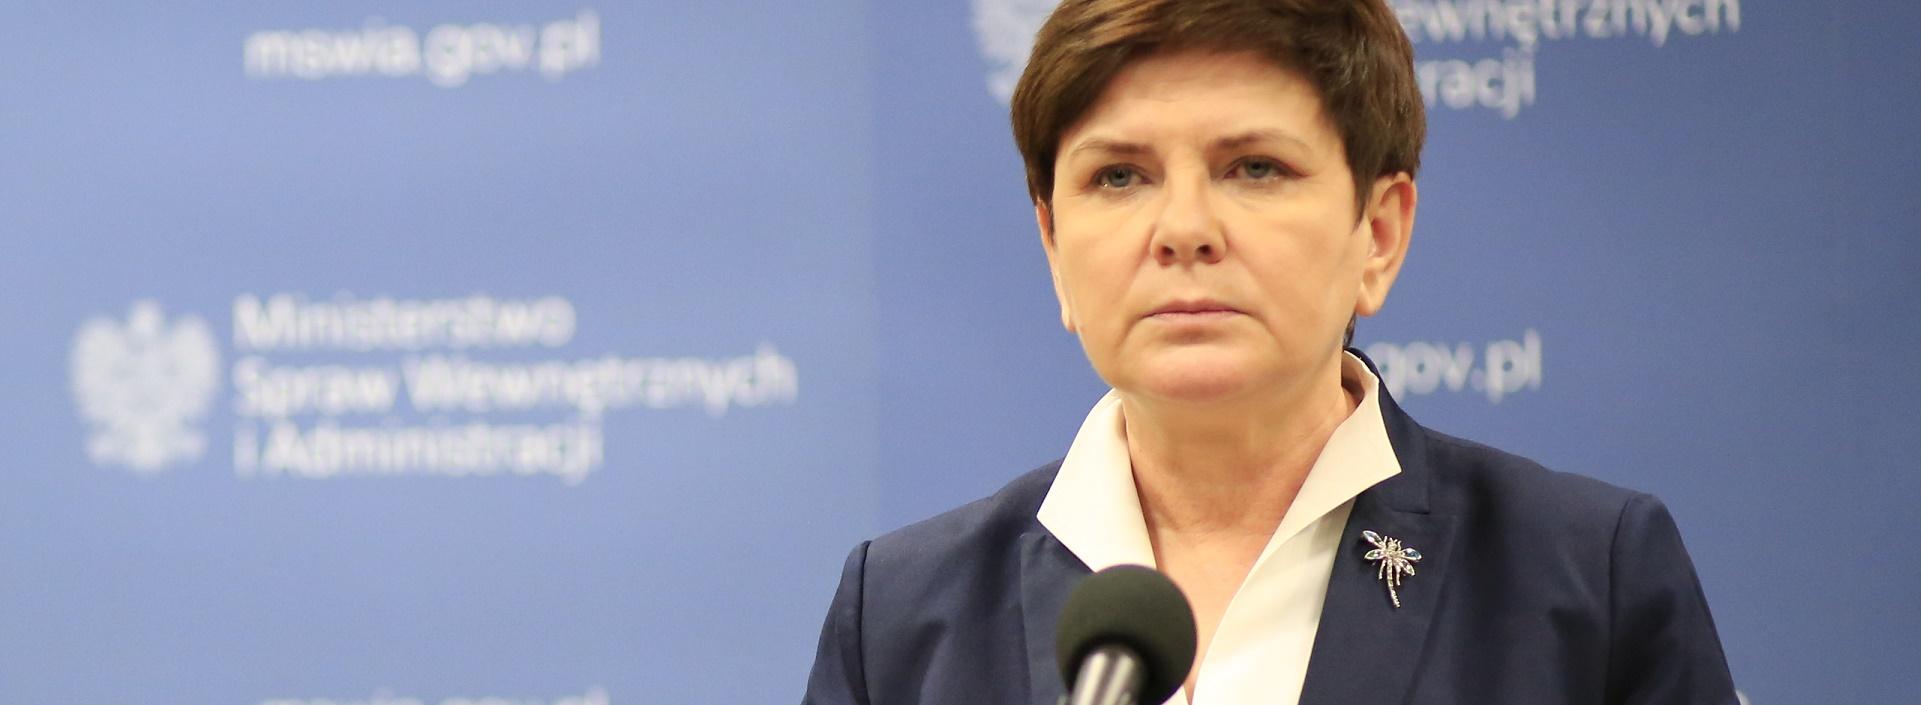 Premier odwołała szefa Generalnej Dyrekcji Dróg Krajowych i Autostrad